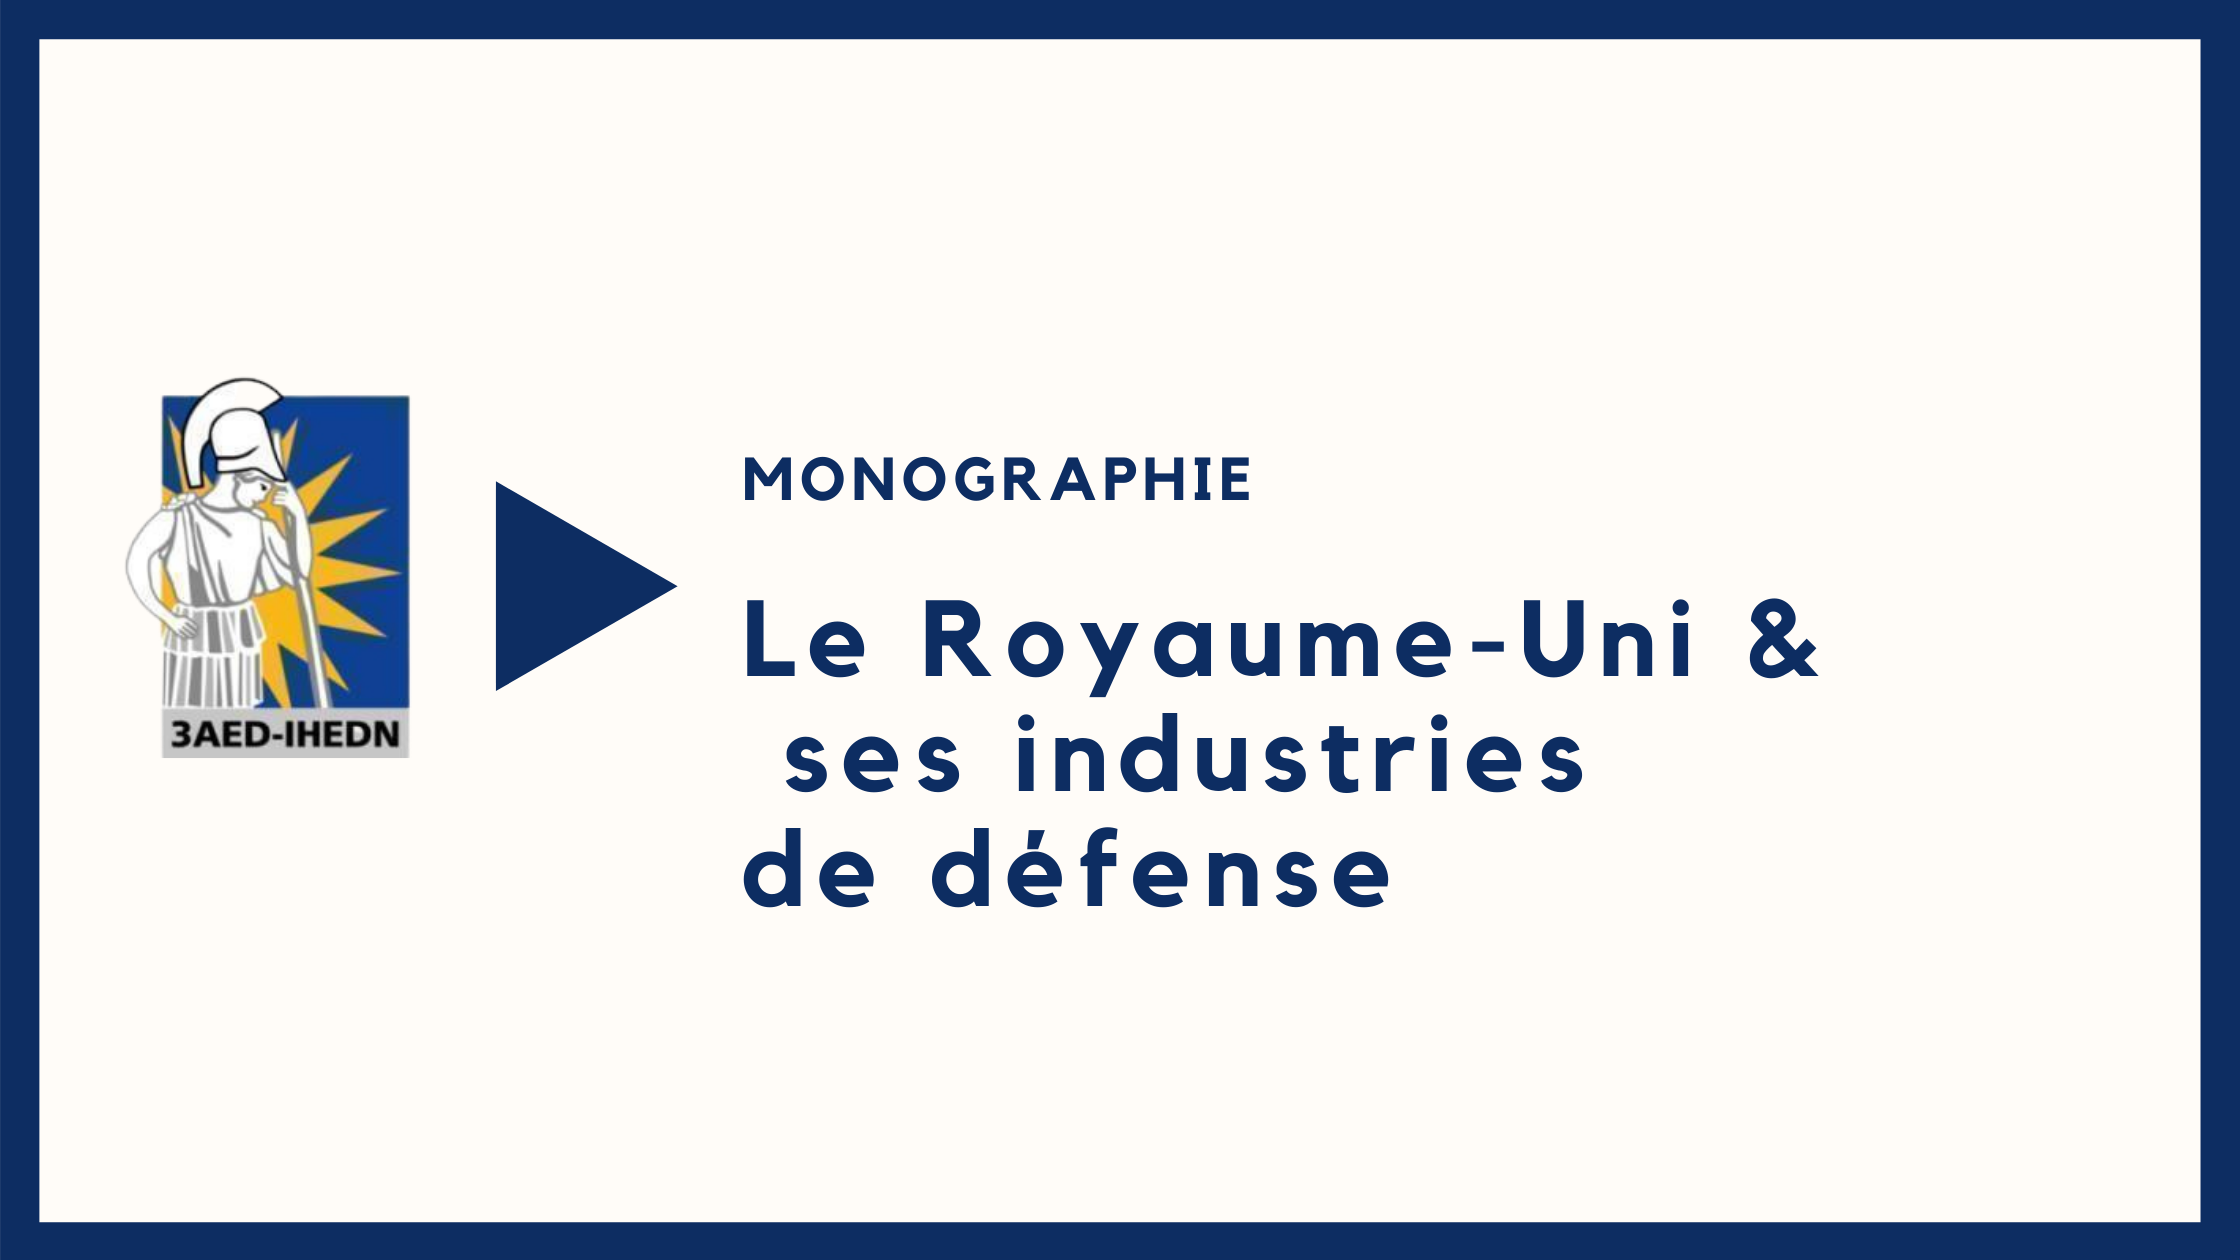 Monographie   Le Royaume-Uni &  ses industries de défense